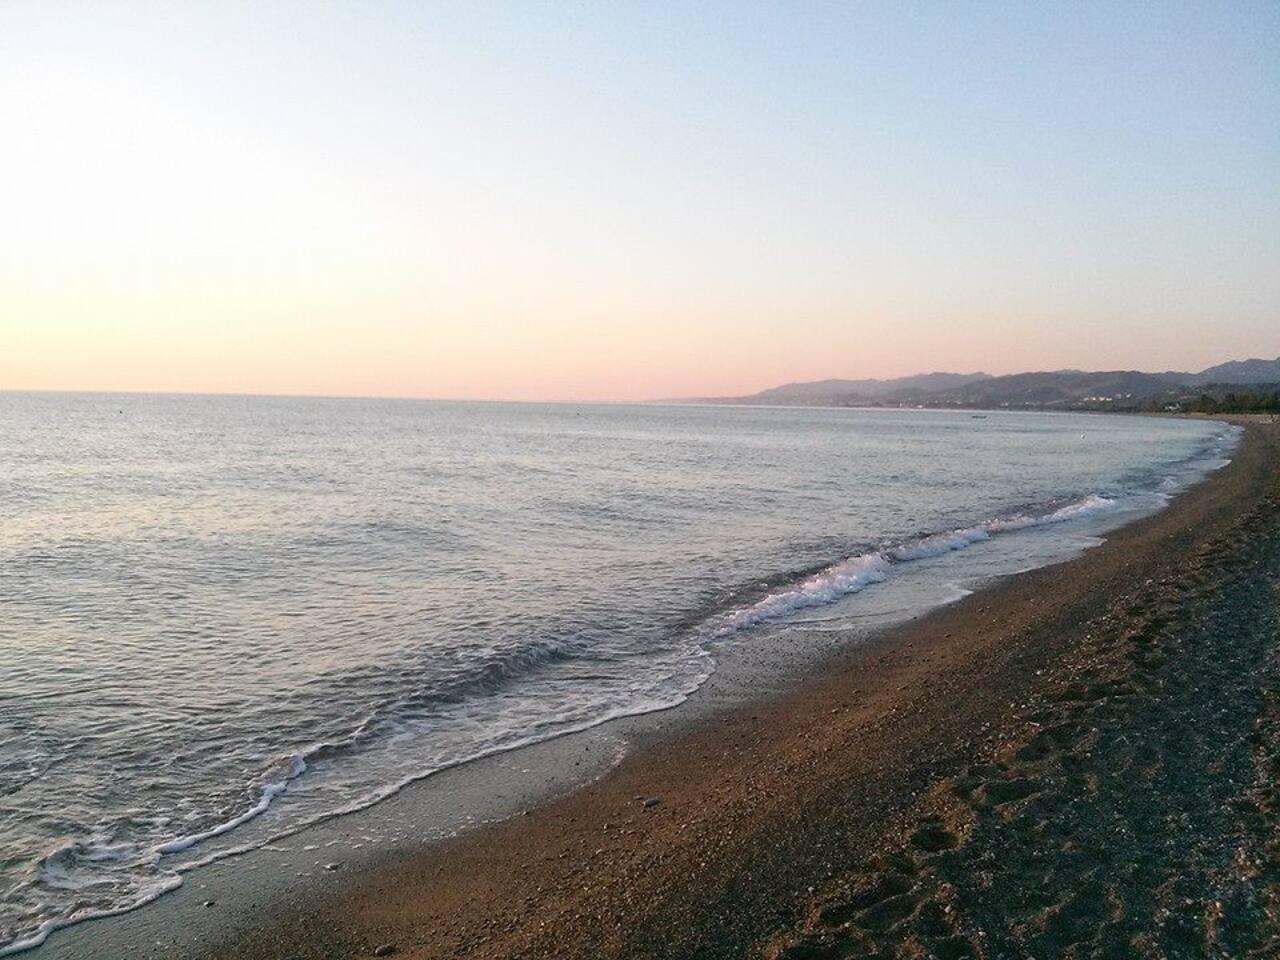 La spiaggia e il mare , acqua pulitissima, sabbia e ciottoli.